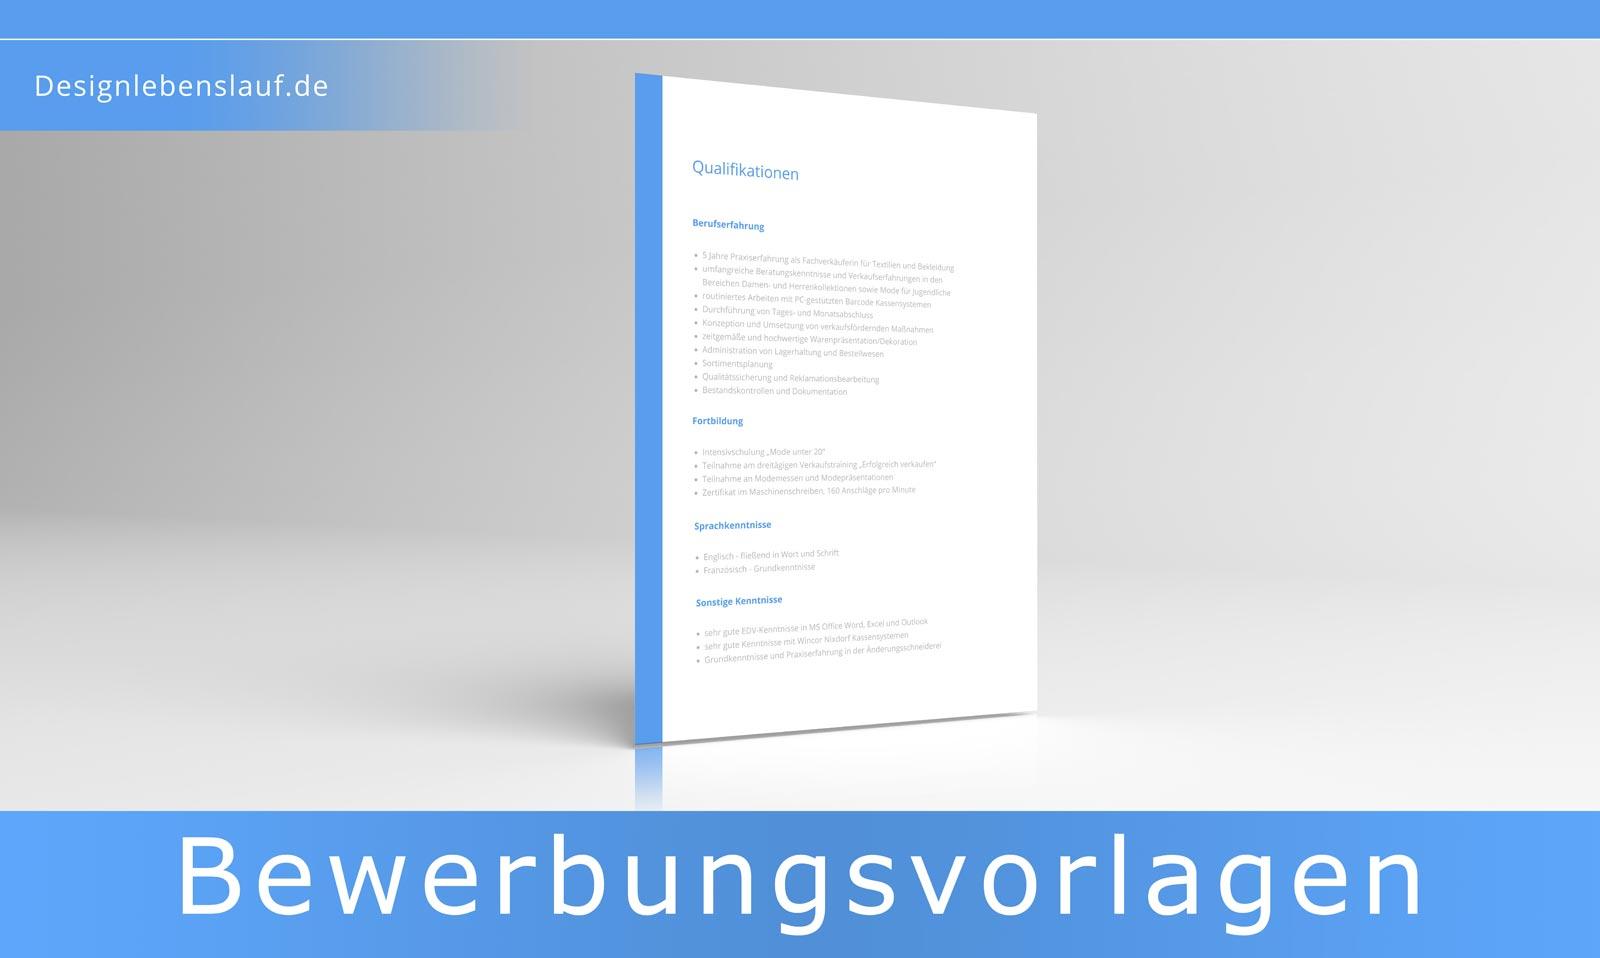 Initiativbewerbung Anschreiben und Lebenslauf als Download